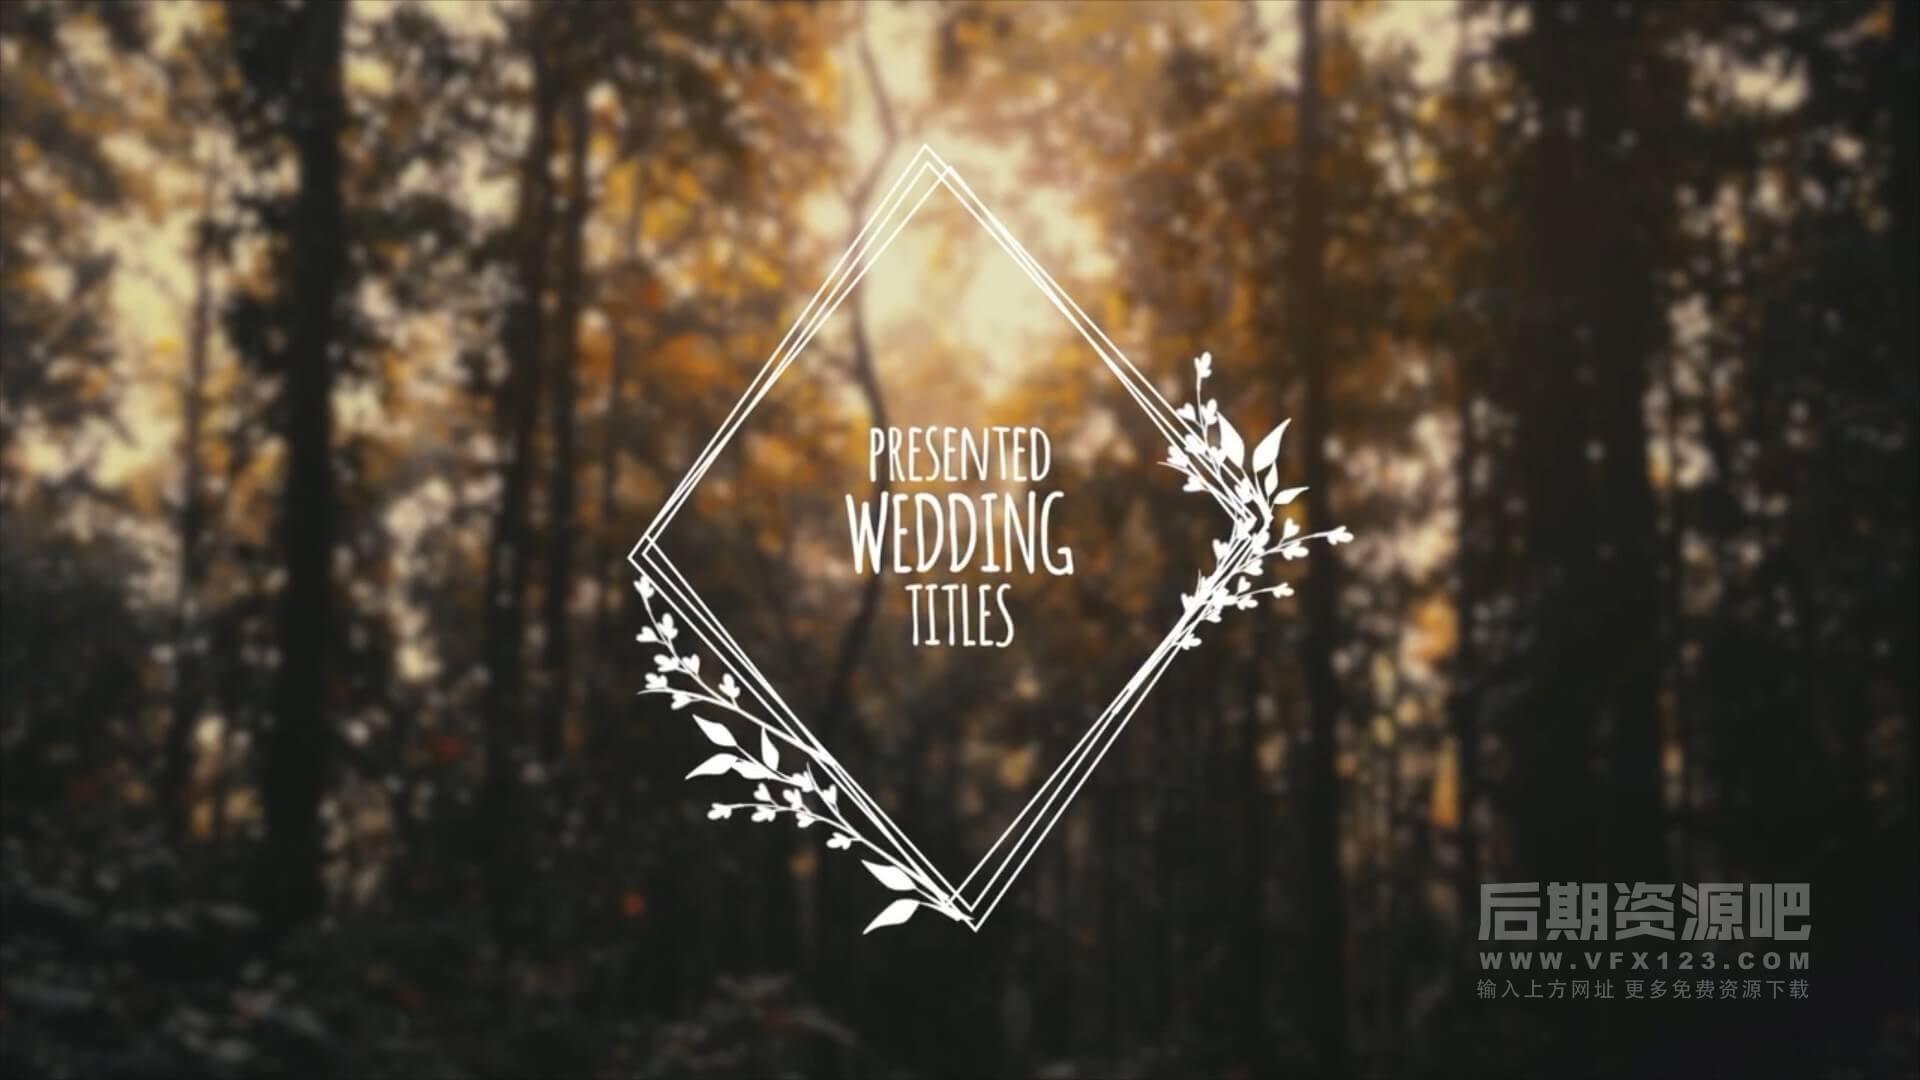 fcpx插件 5组花纹边框婚礼人名婚期标题动画模板 Wedding Titles